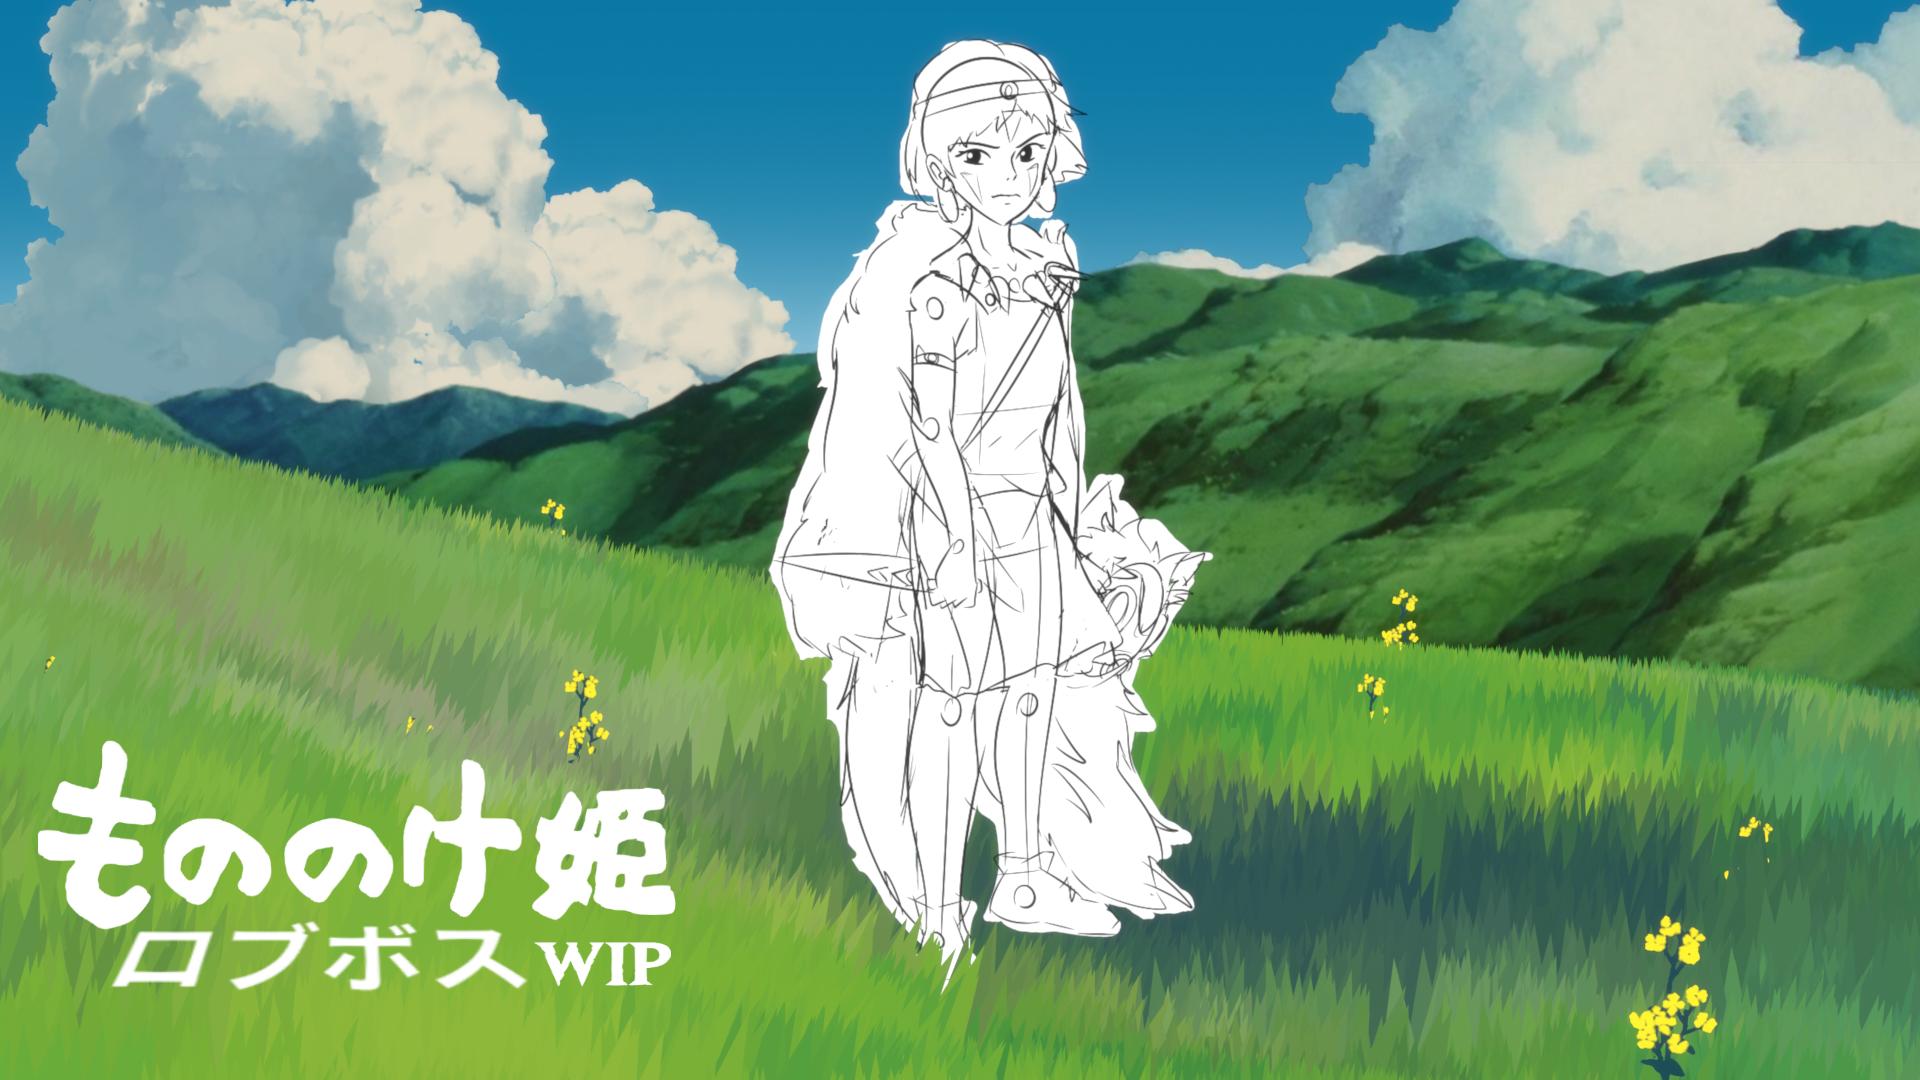 2D/3D Princess Mononoke WIP